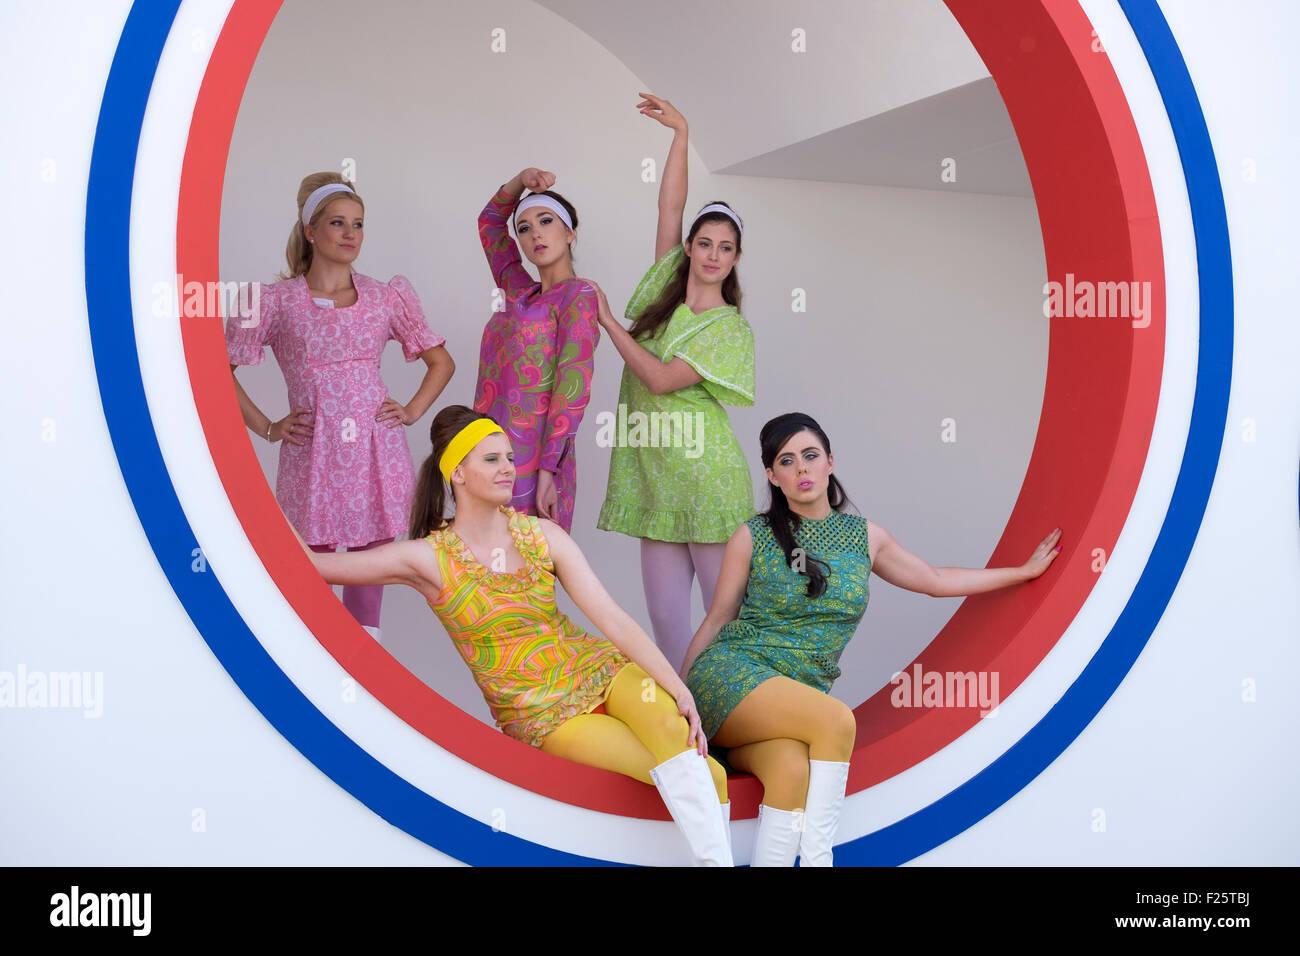 da784cbcb6f8 Cinque ragazze giovani vestiti in retro 50S   60s abbigliamento mini abiti  in posa per fotocamera